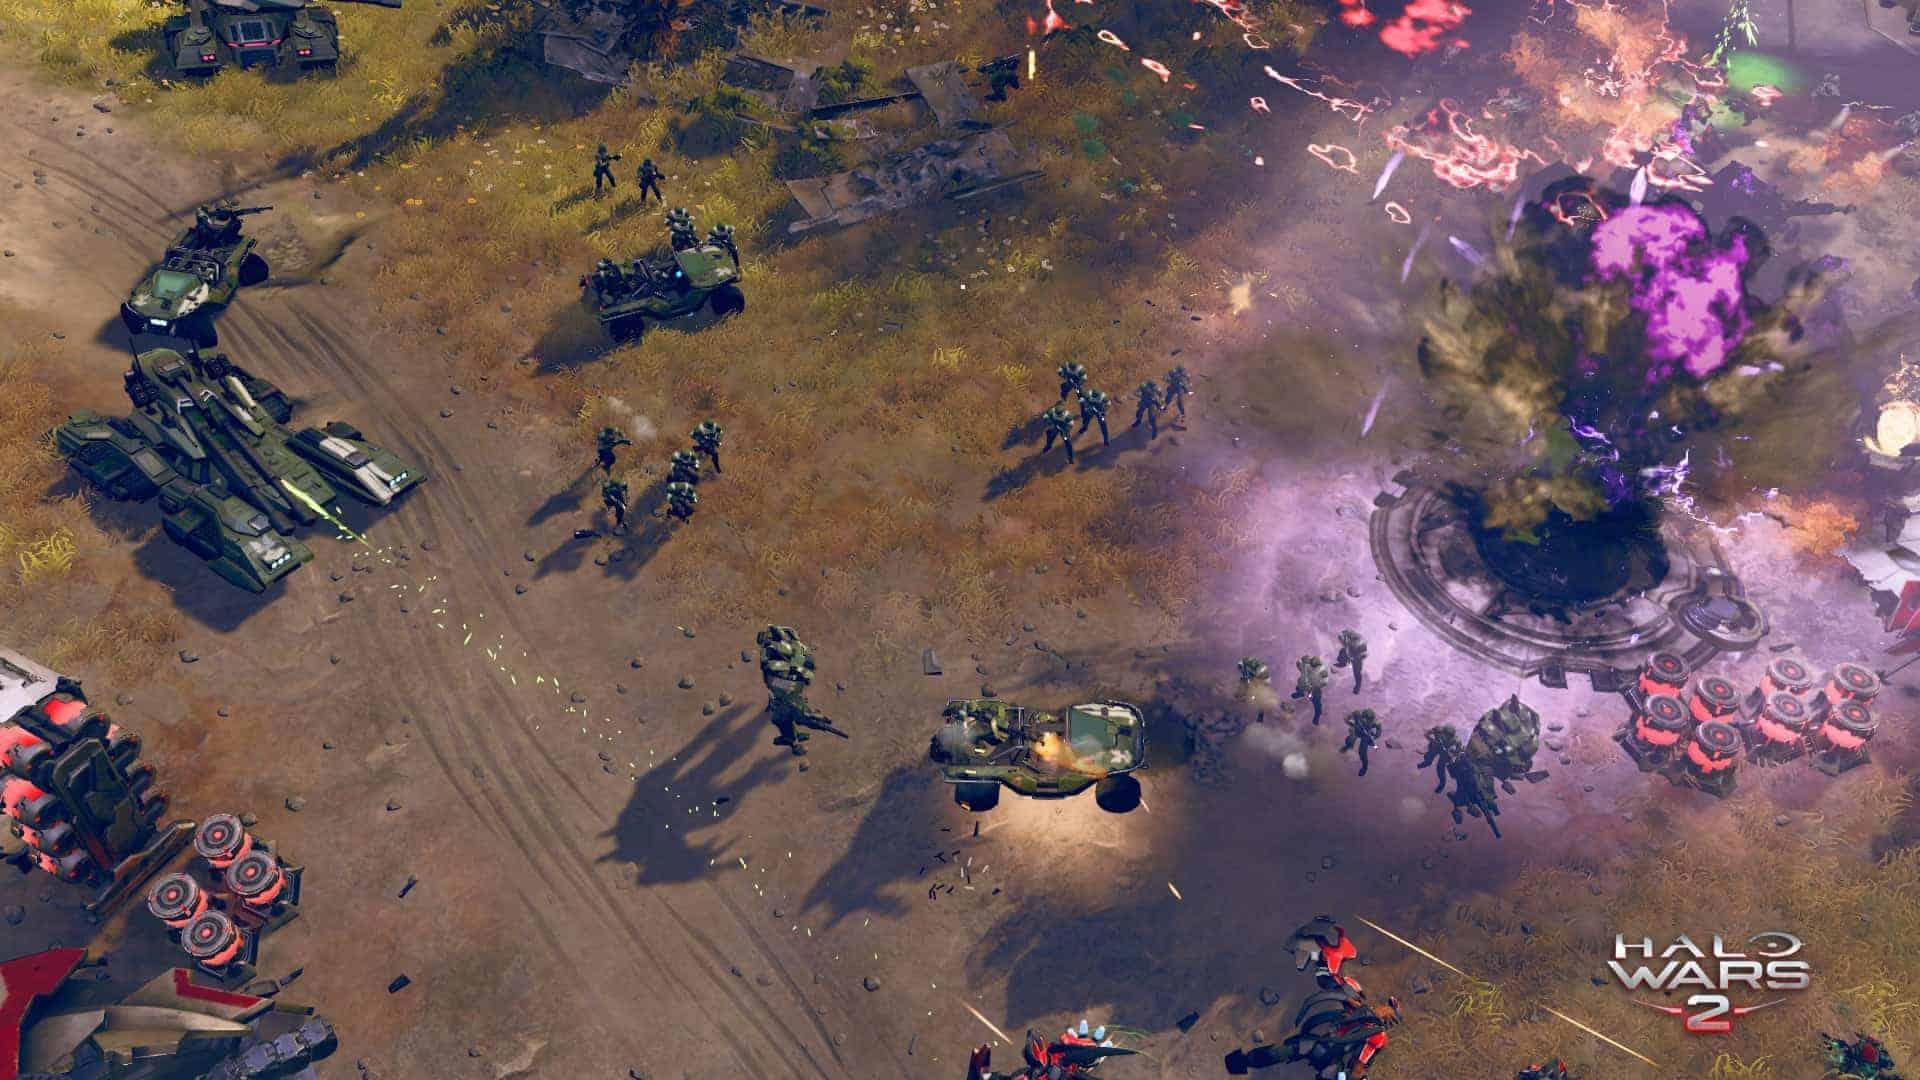 Halo 2 pc keygen download